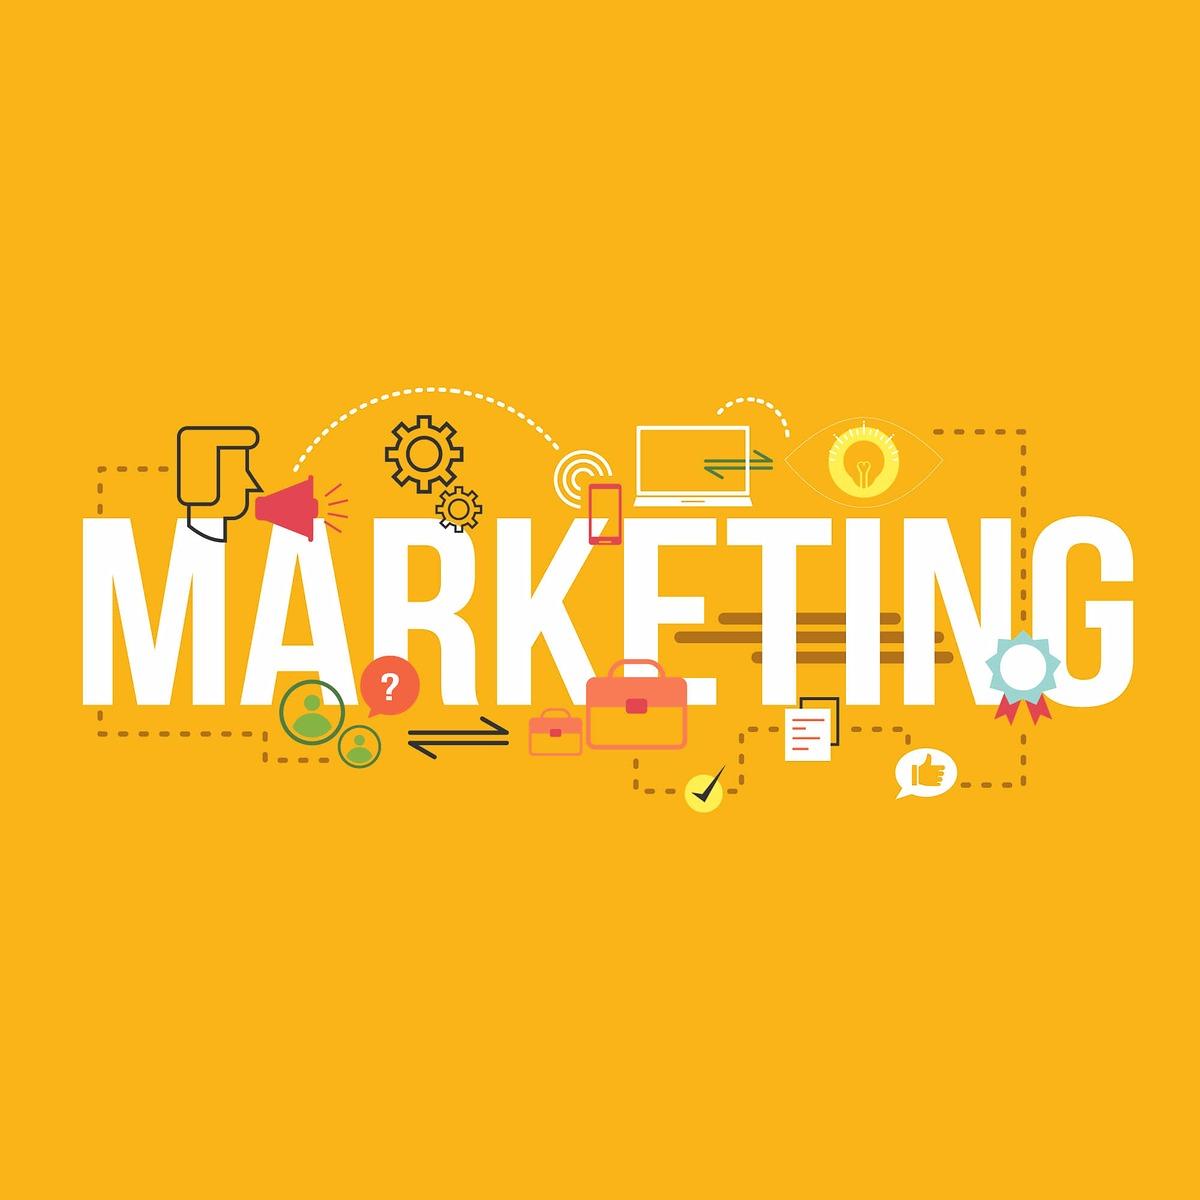 2017691a2d40-c263-42e9-bf3d-b8ae2635f81f Marketing là gì? Tại sao marketing lại ảnh hưởng đến xây dựng thương hiệu Bài Viết về Marketing    Manage.vn